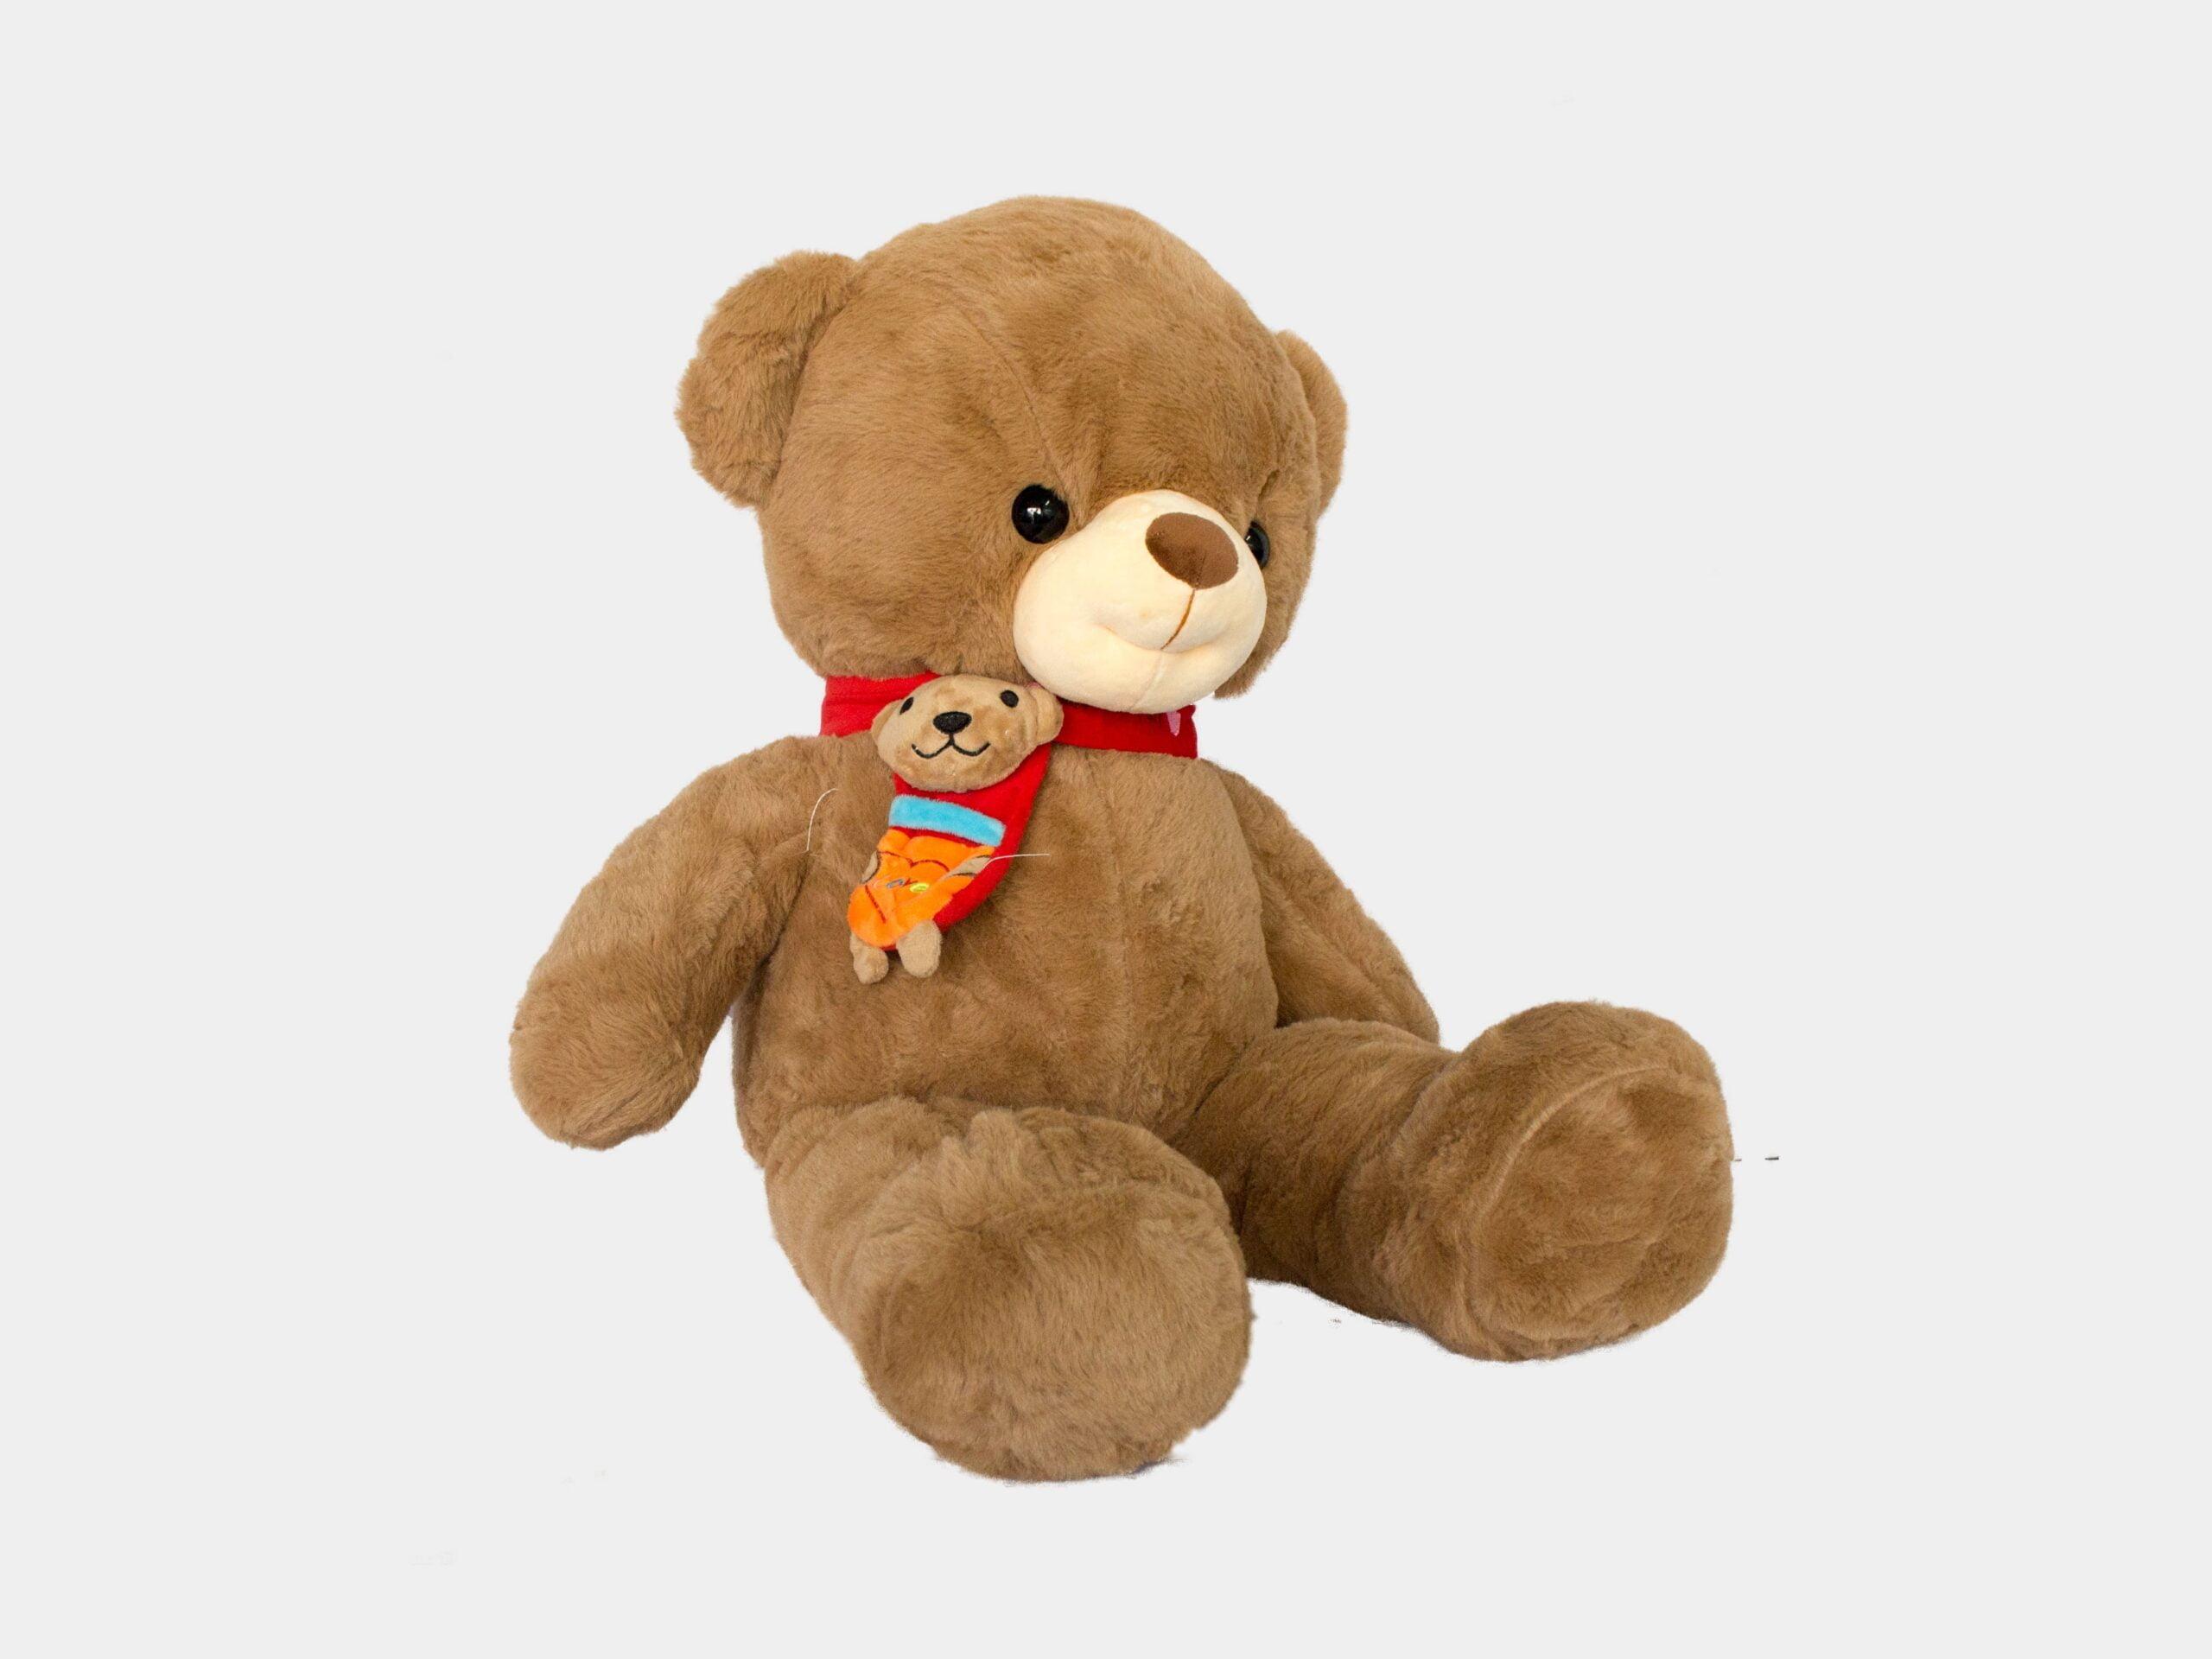 gau teddy quang khan gau 1m scaled 1